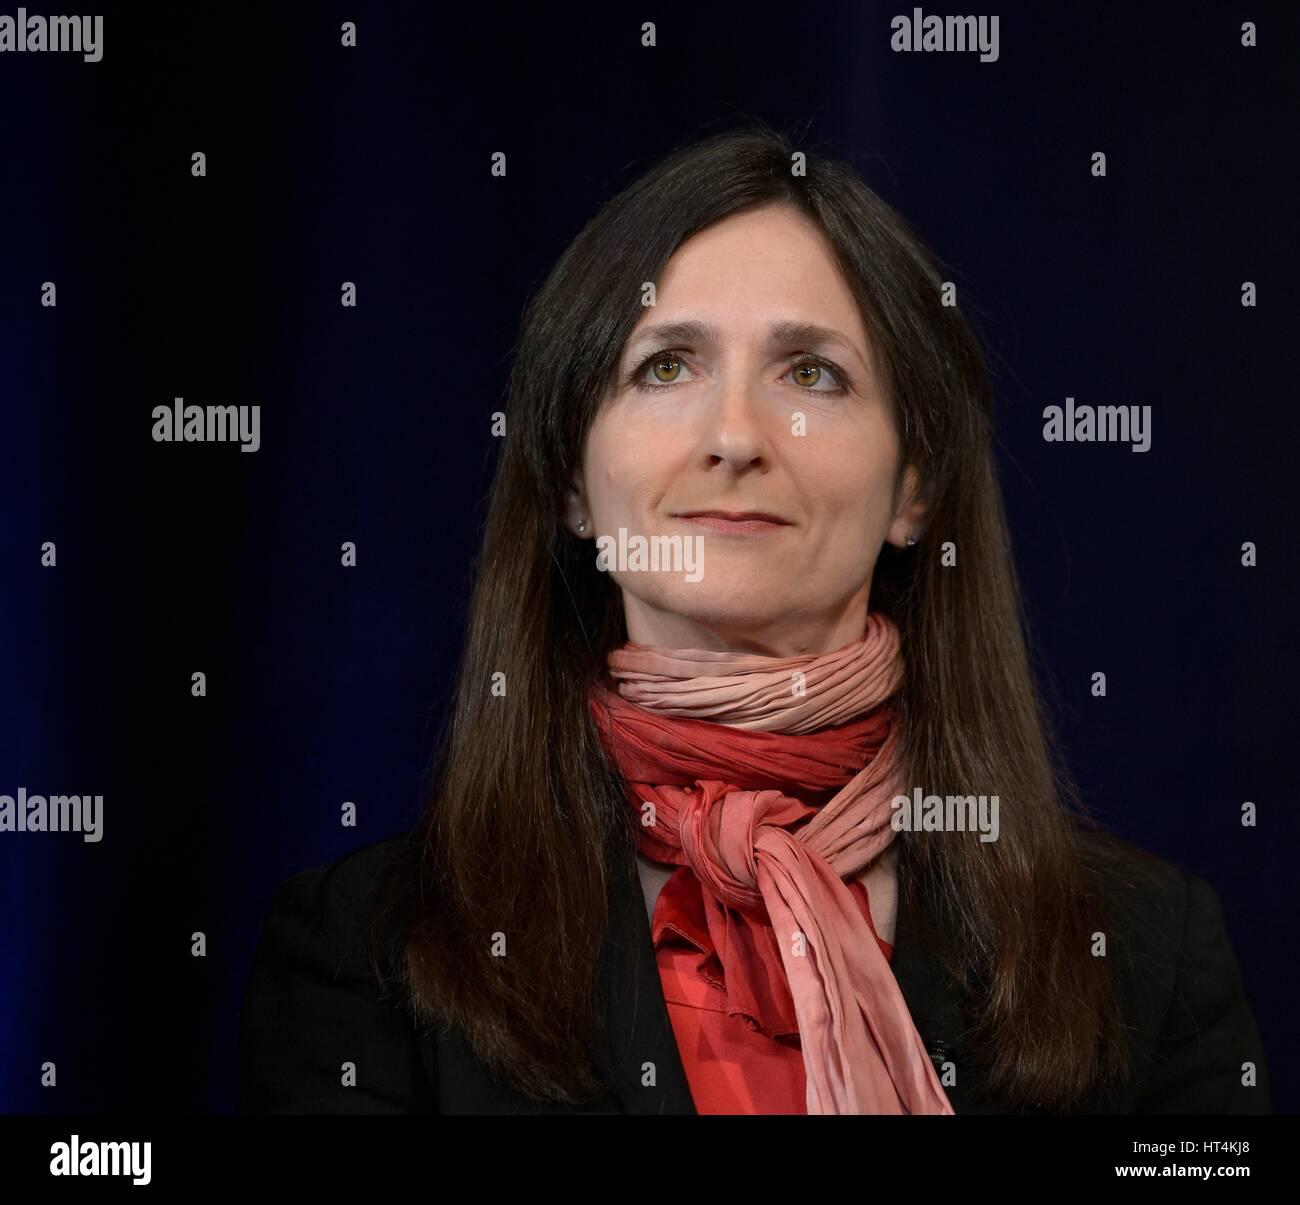 Instituto de Tecnología de Massachusetts Profesor de Ciencias Planetarias y Física Sara Seager presenta los resultados de la investigación durante un trapense-1 planetas briefing en la Sede de la NASA el 22 de febrero de 2017 en Washington, DC. Los investigadores revelaron el primer sistema conocido de siete los planetas de tamaño similar a la tierra alrededor de una estrella, llamada trapense-1. Foto de stock